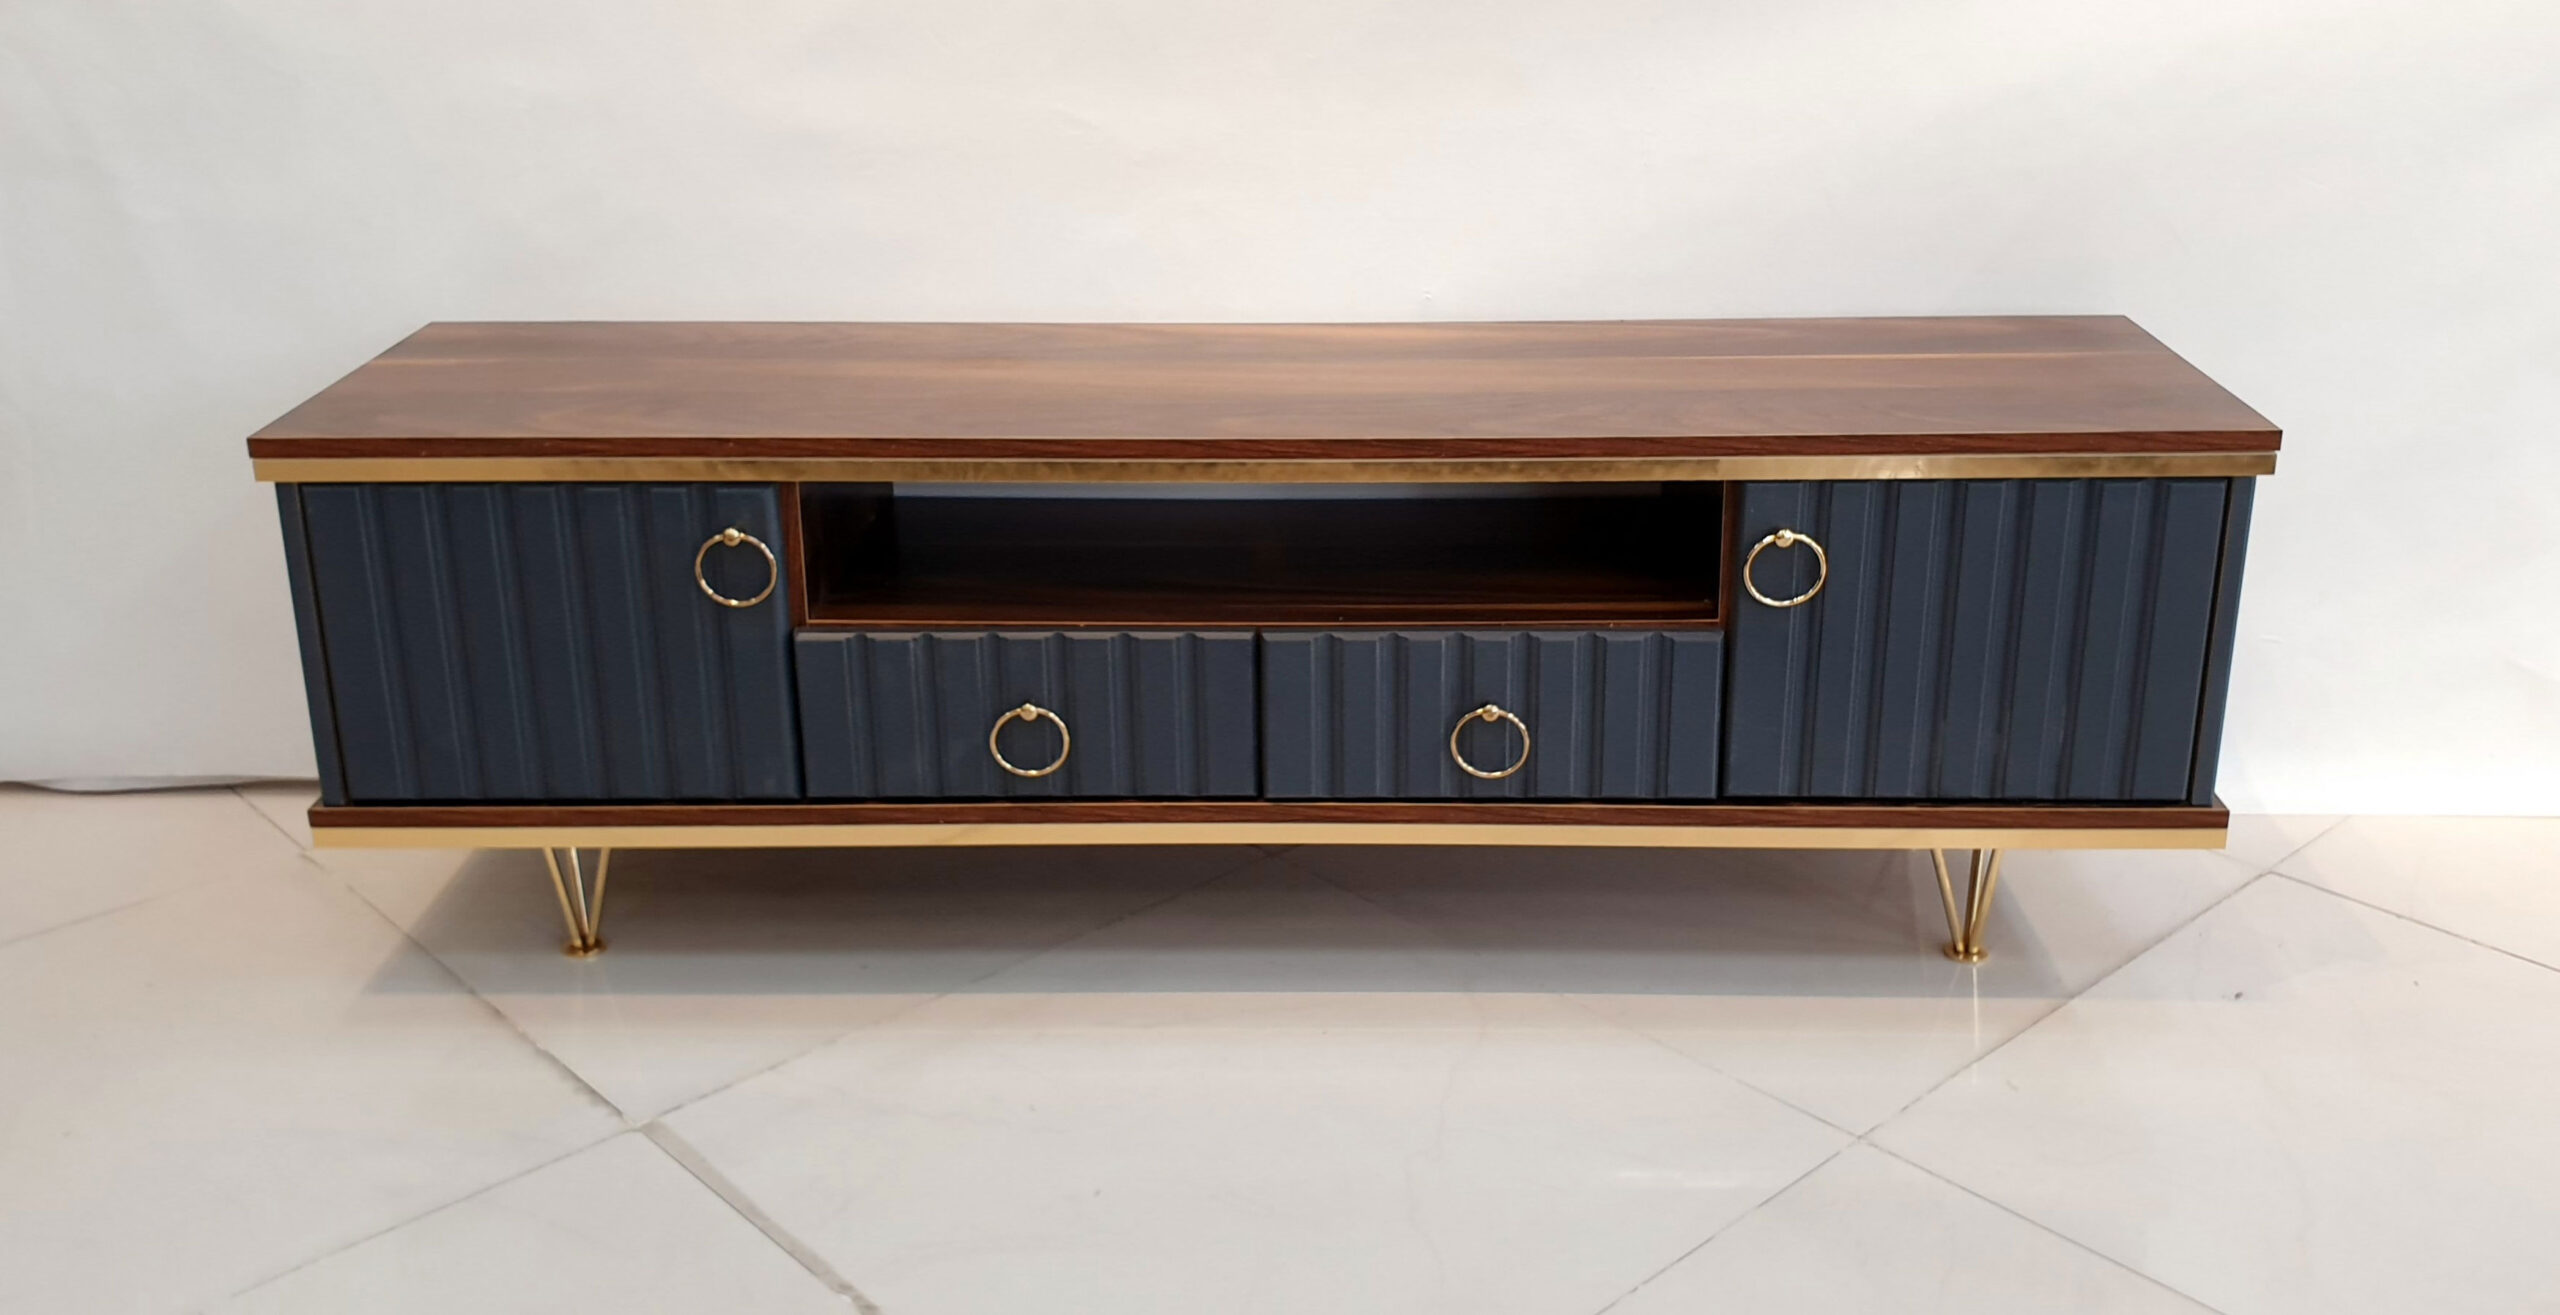 تصویر میز تلویزیون - مدل درسا قهوه ای طوسی